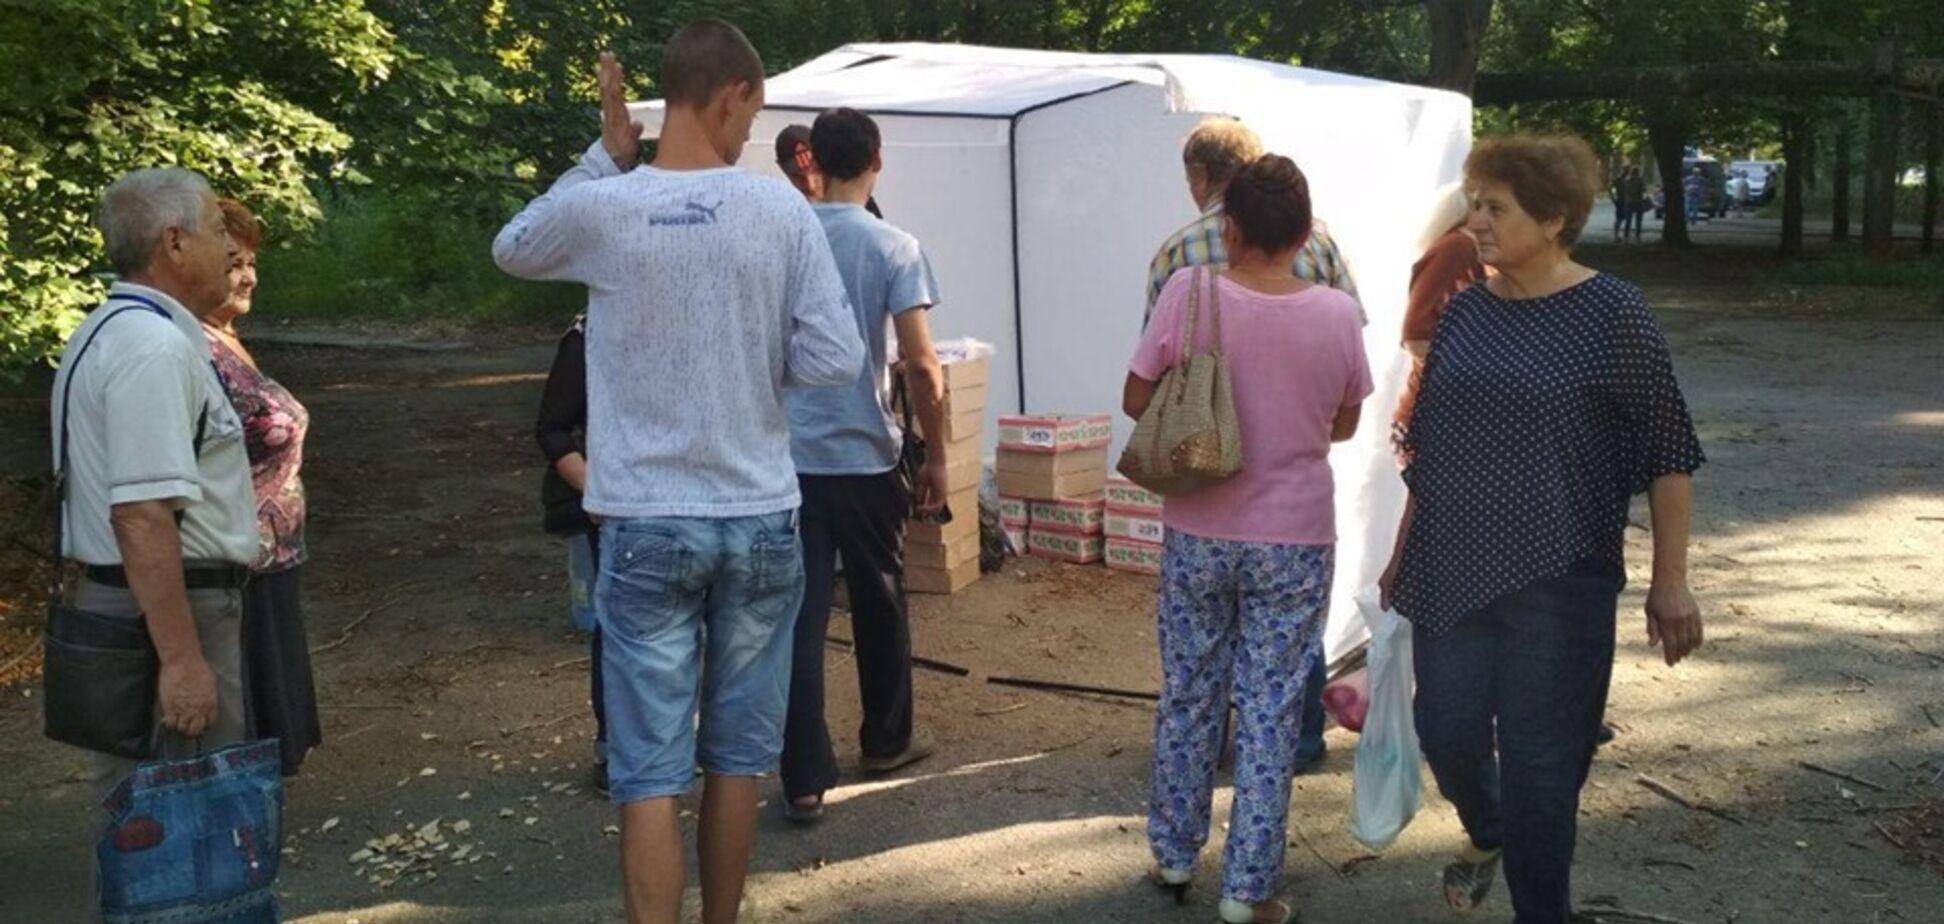 Пиріжки по 5 копійок: біля виборчої дільниці в Дніпрі 'підгодовують' людей